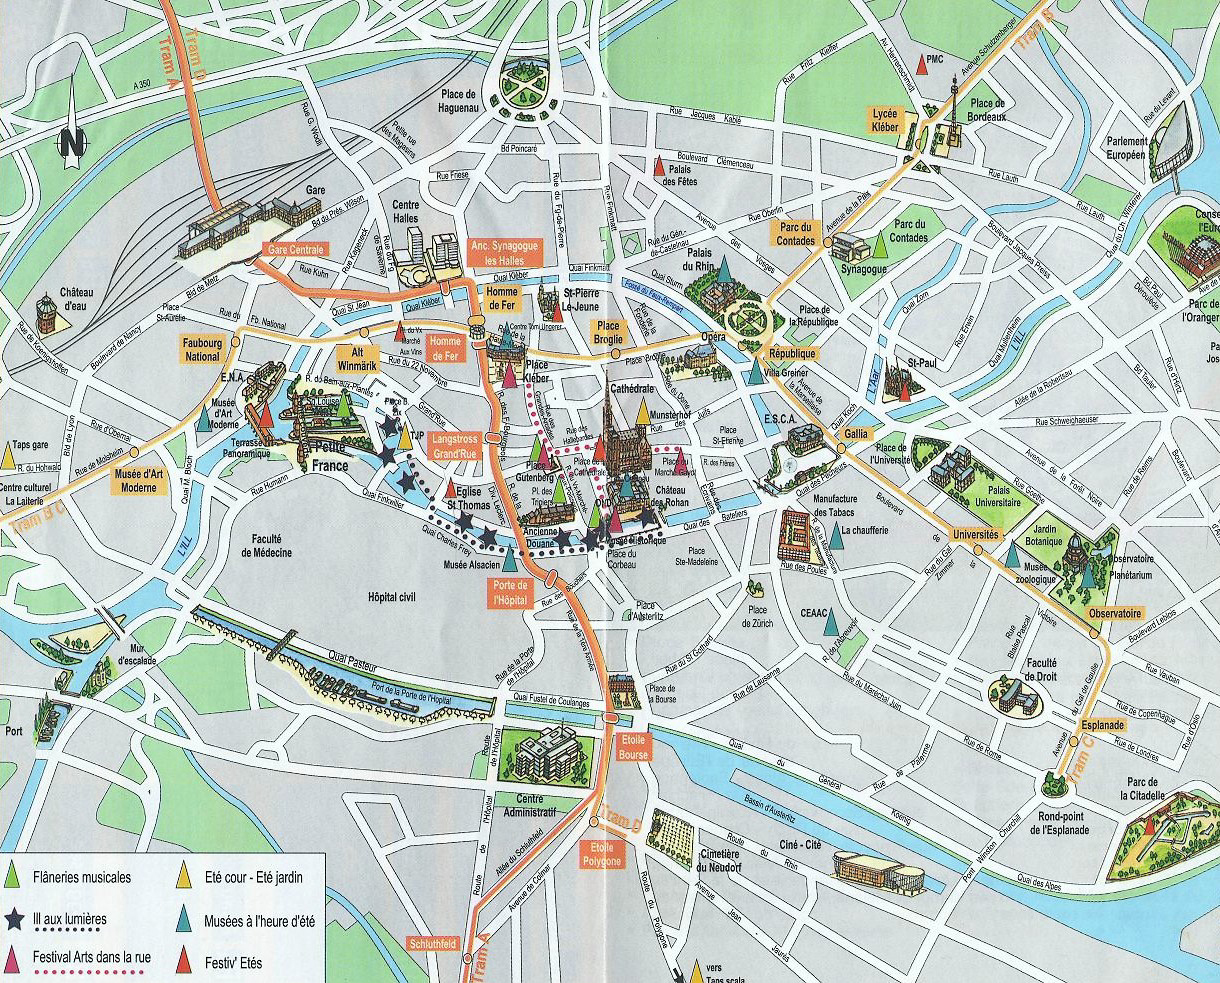 szlovénia látnivalók térkép Fekete erdő 2013.08.24   2013.08.31. szlovénia látnivalók térkép